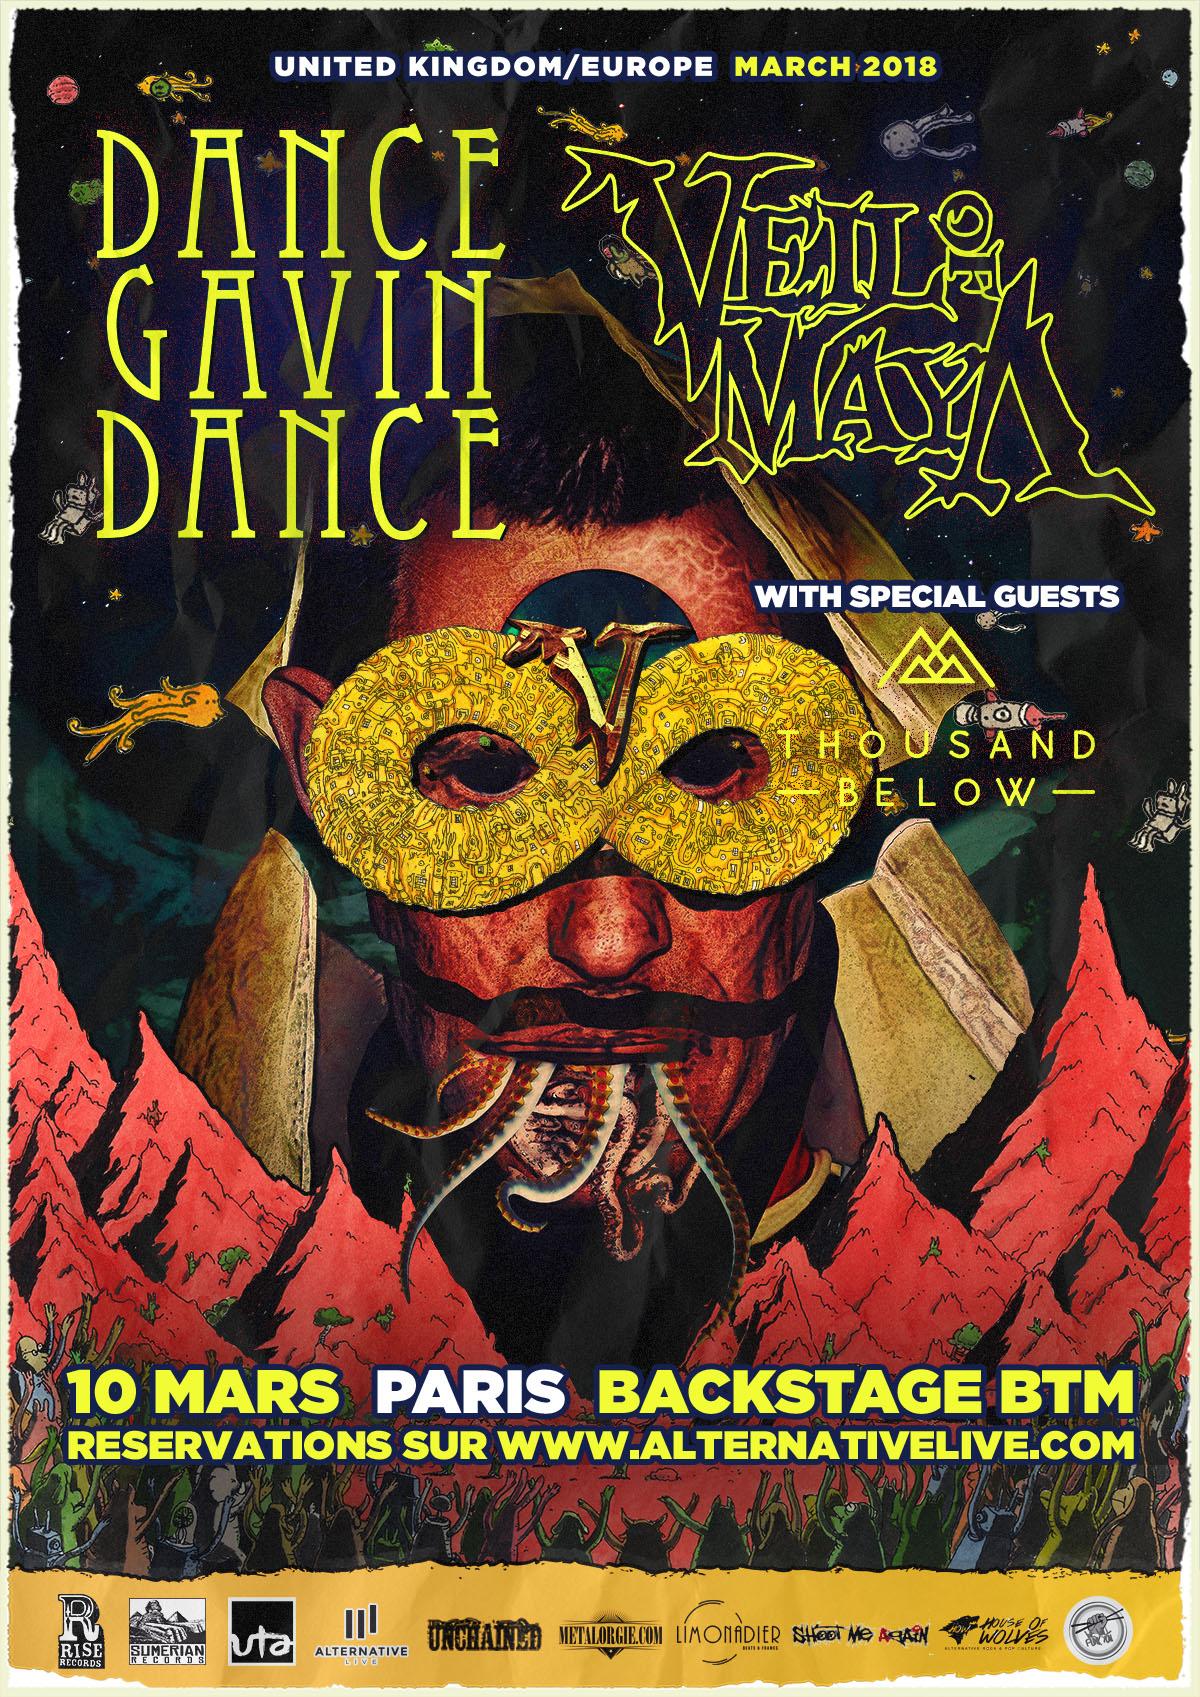 DANCE GAVIN DANCE BACKSTAGE BTM